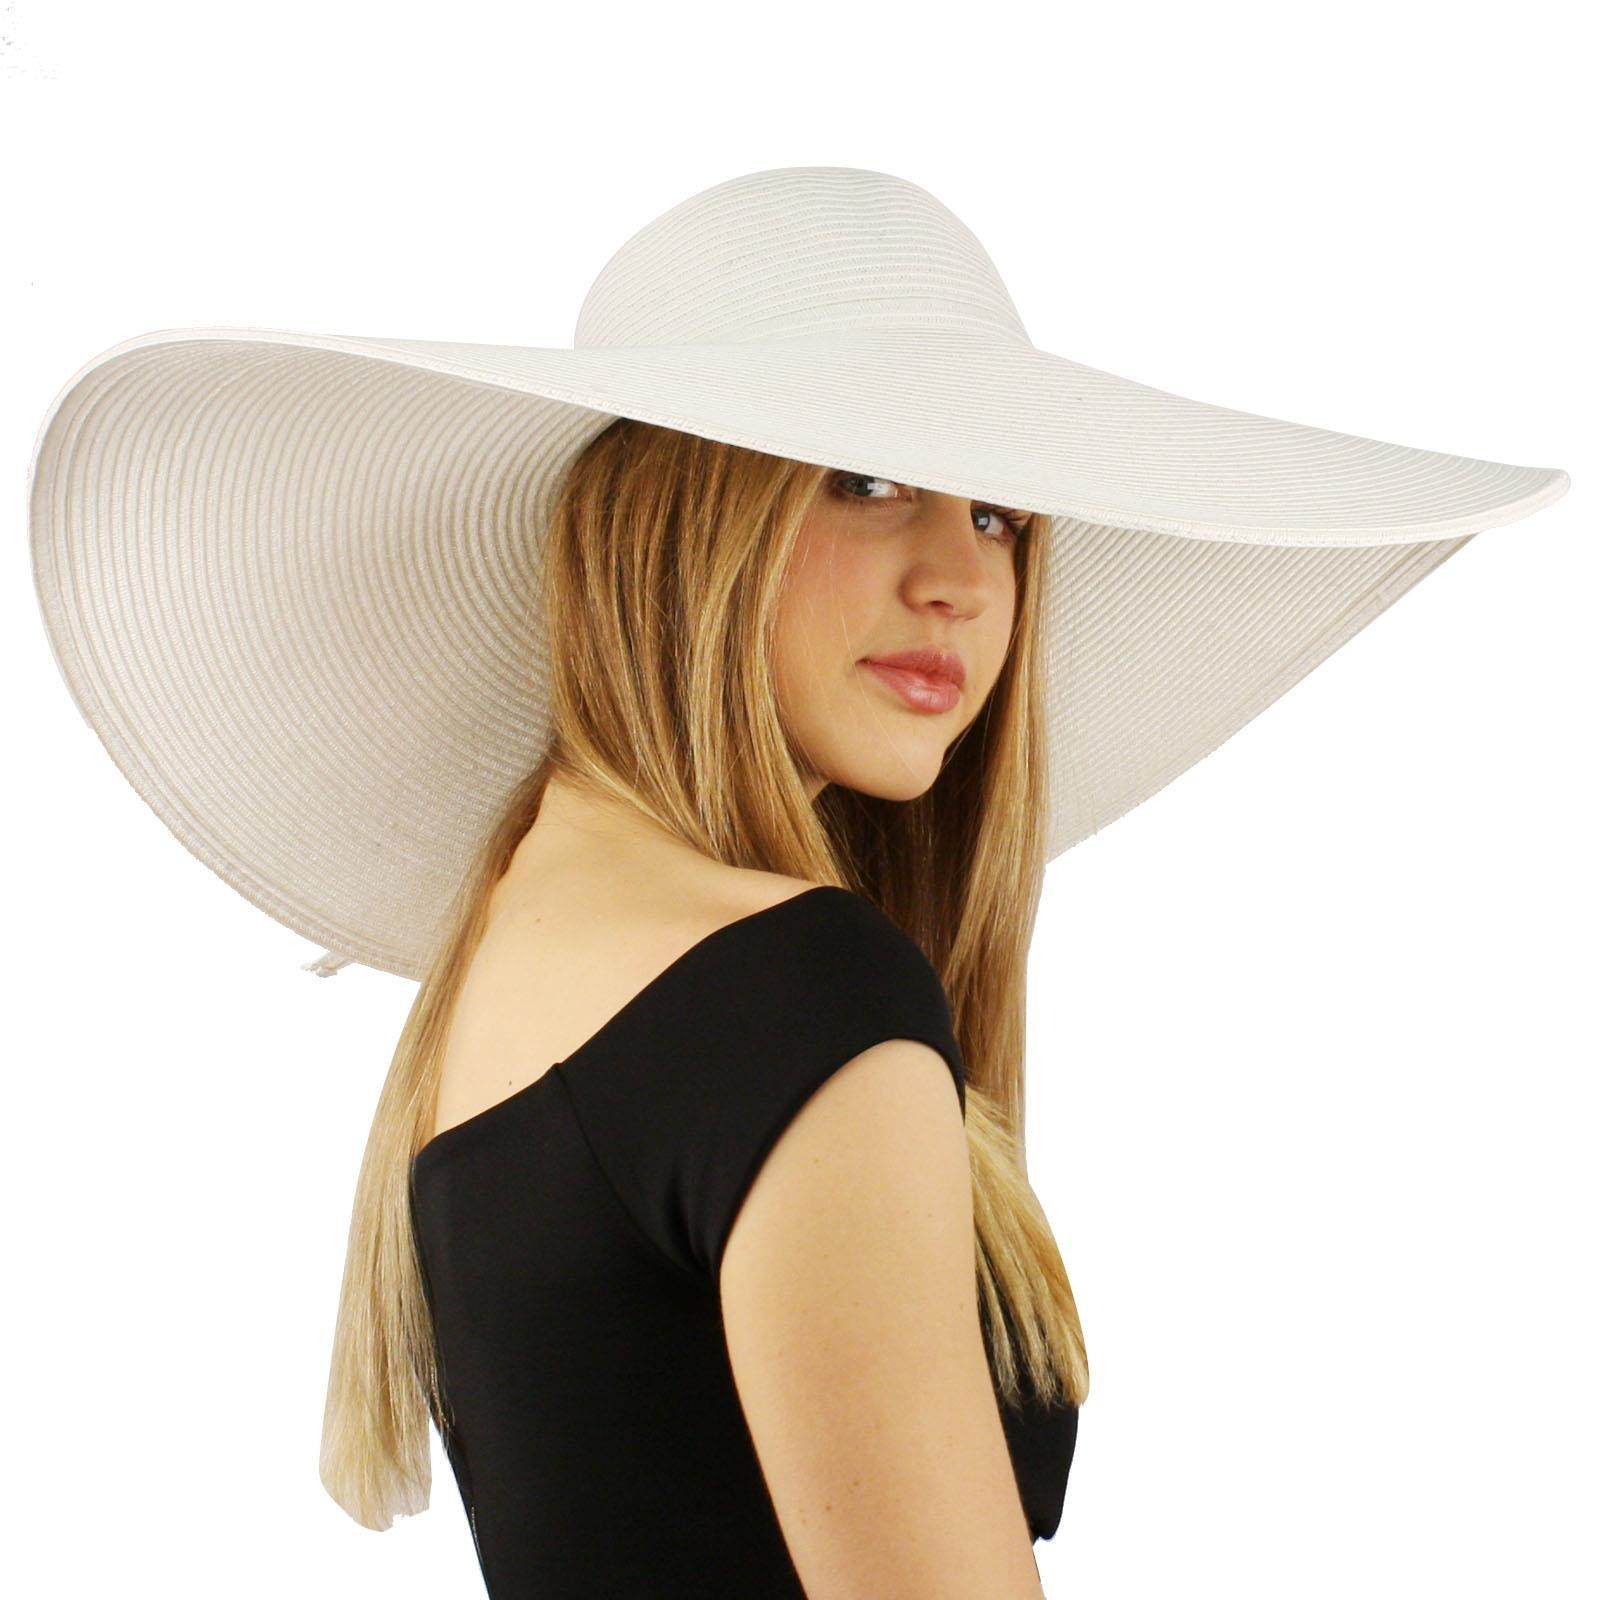 Summer Elegant Derby Big Super Wide Brim 8'' Brim Floppy Sun Beach Dress Hat White